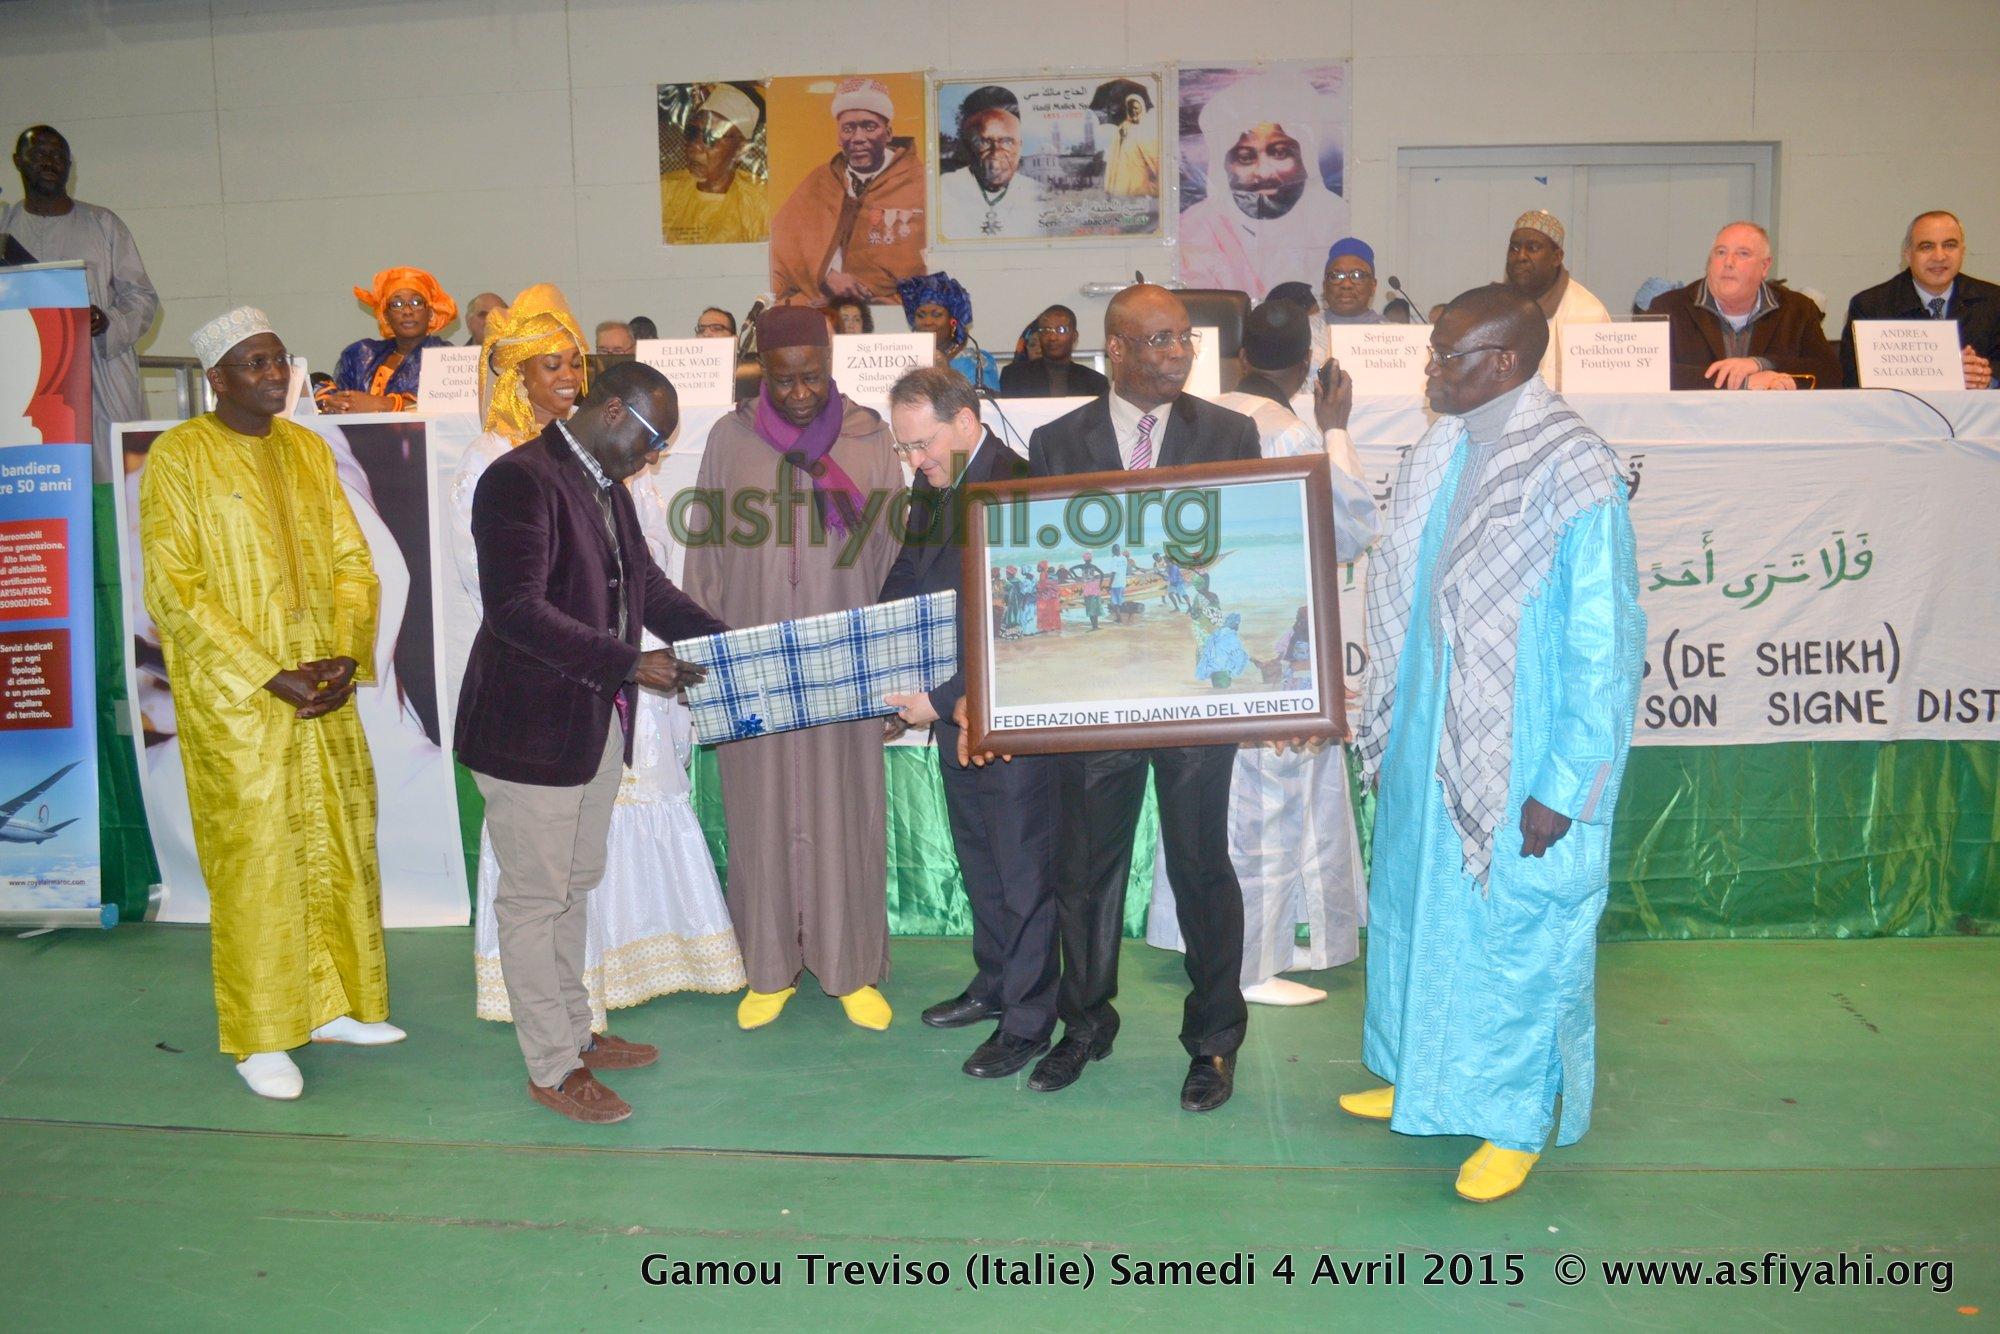 PHOTOS - Le Gamou de Tréviso 2015 en Images